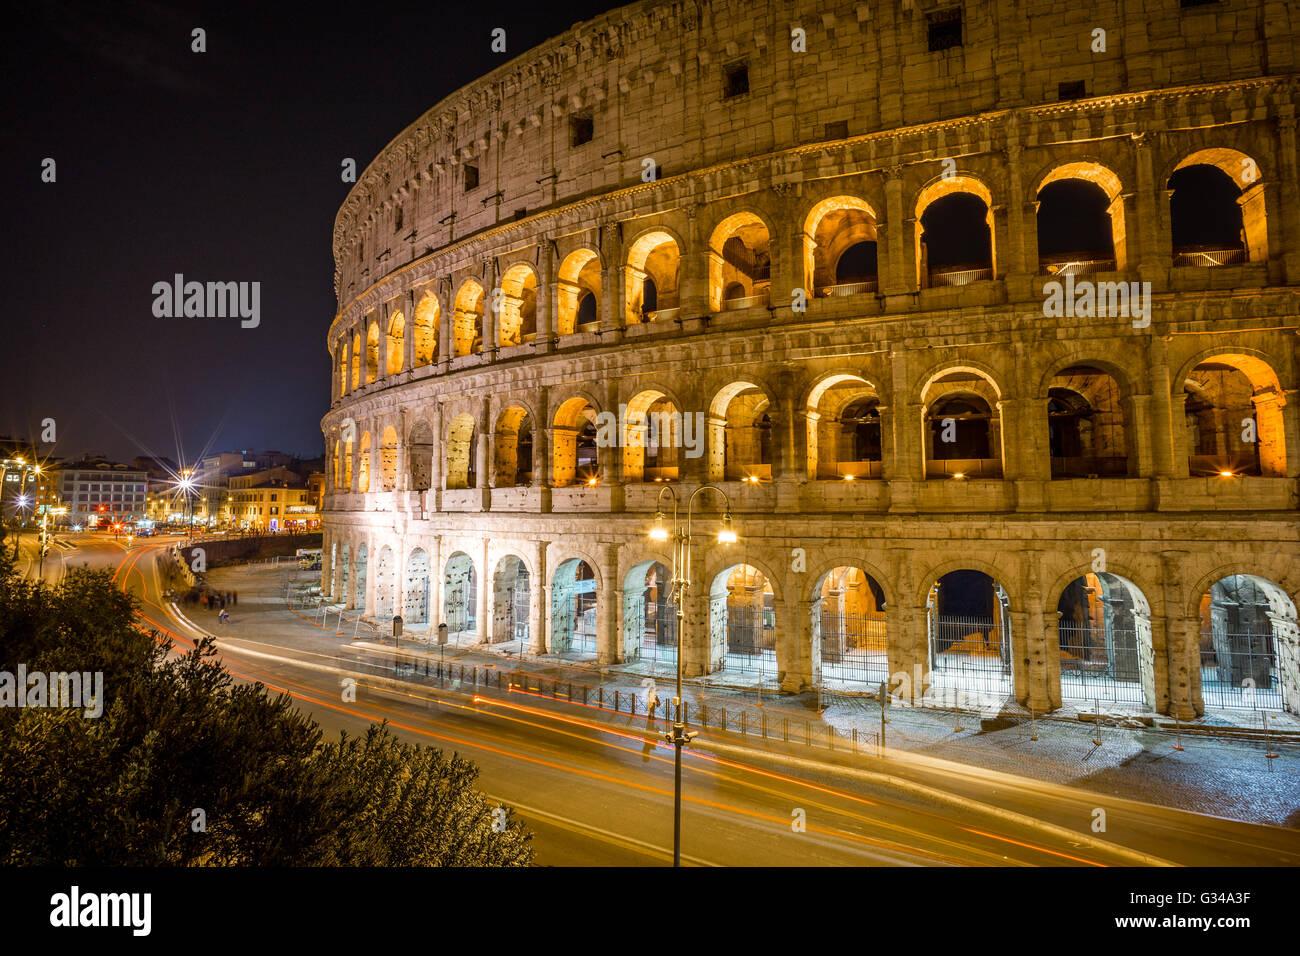 Une longue exposition du Colisée dans la nuit à Rome, Italie Photo Stock